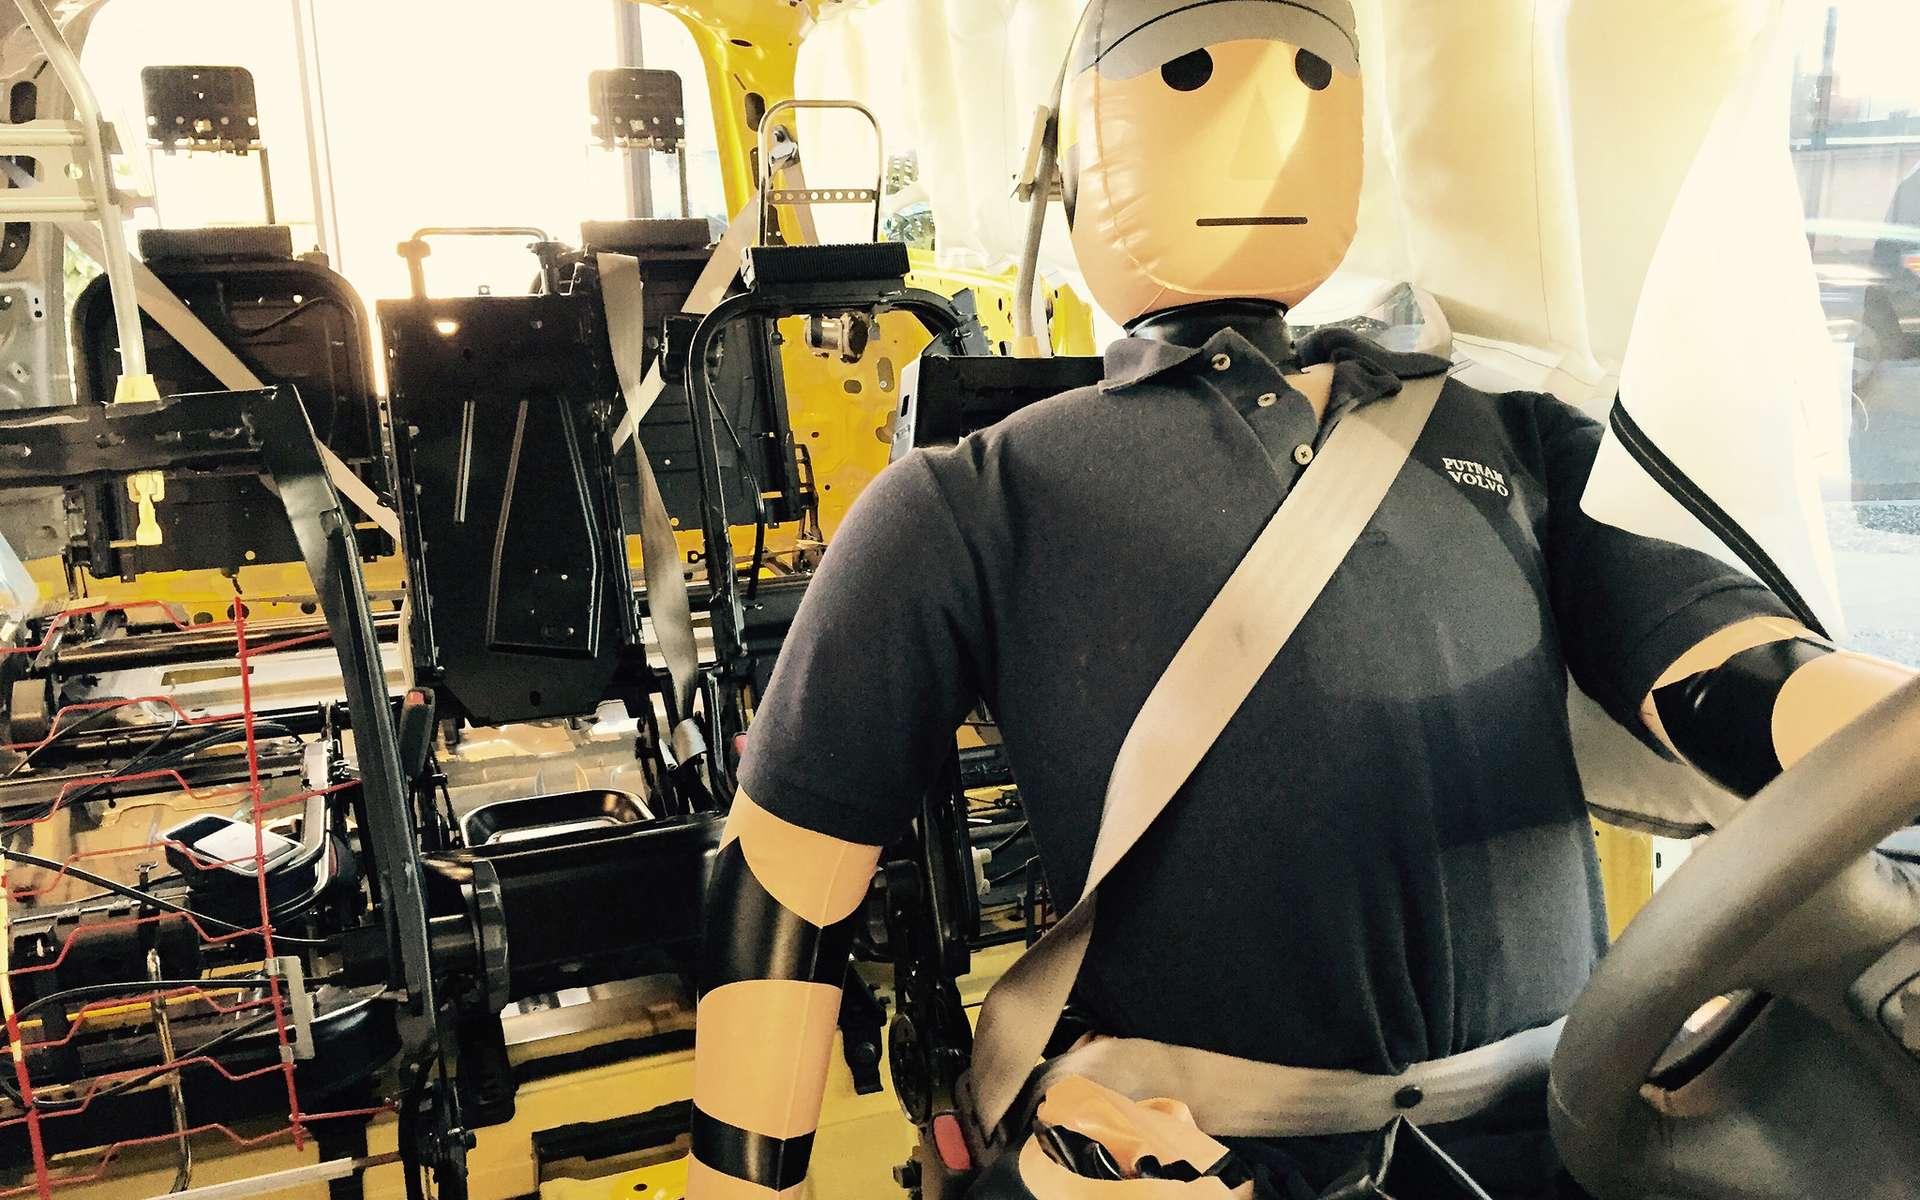 Dans les années à venir, des nanocomposites pourraient permettre d'augmenter la vitesse de transmission des informations par les capteurs des airbags qui équipent l'automobile, améliorant ainsi la protection du conducteur et des passagers. © Todd Lappin, Flickr, CC by-nc 2.0